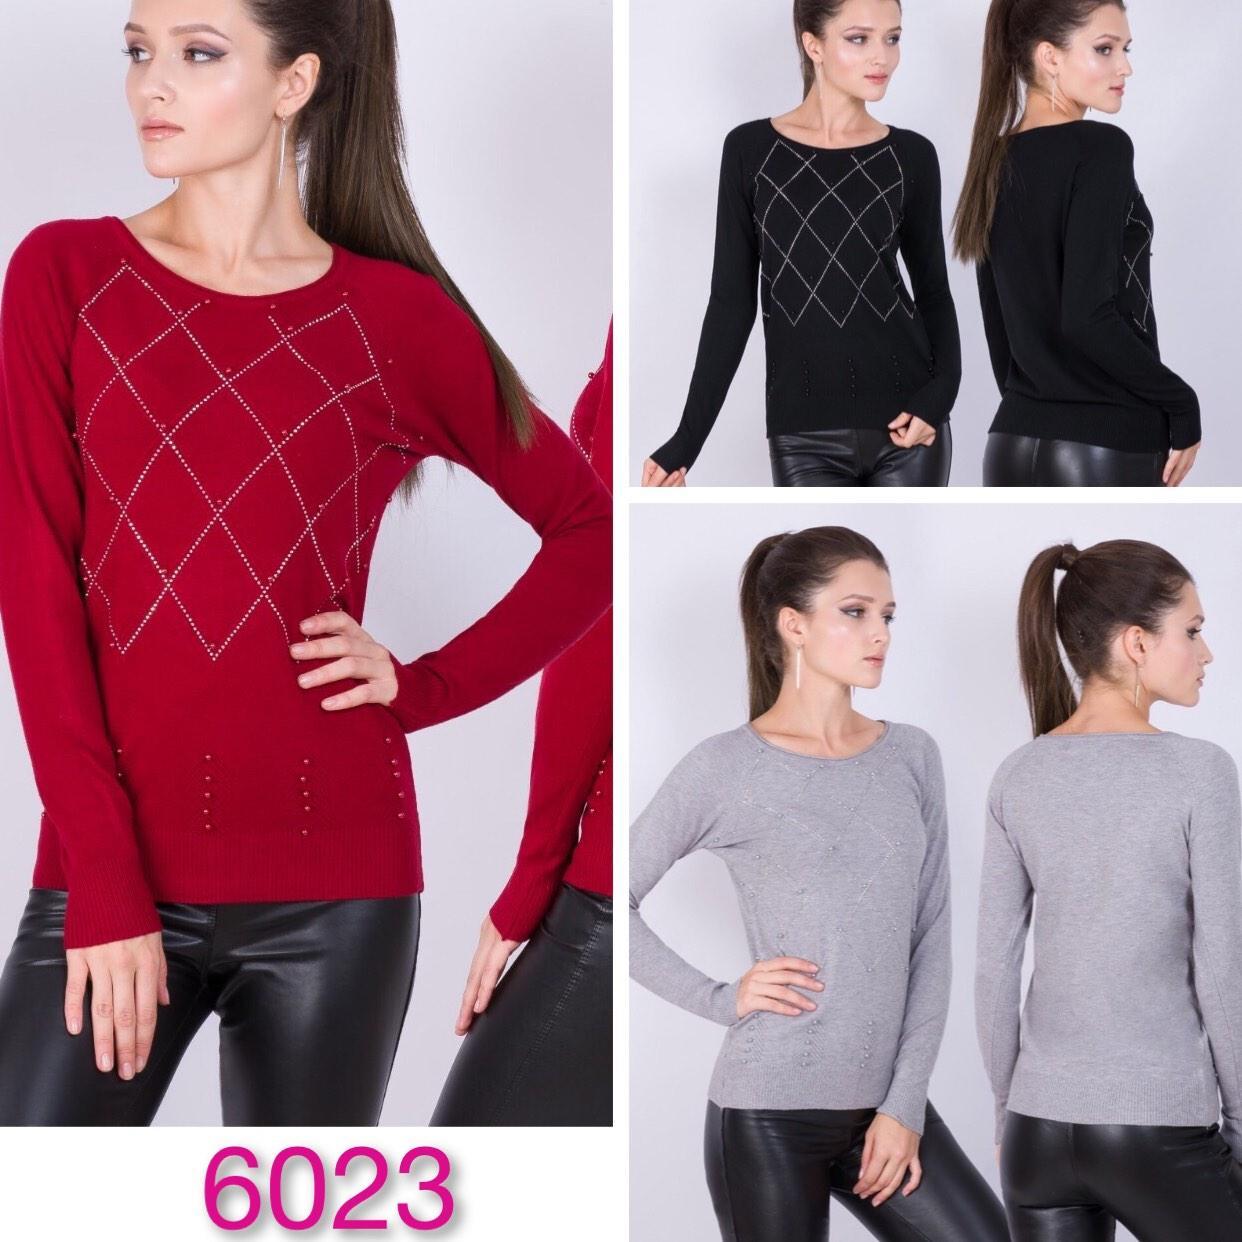 Трикотажный свитер с сеточкой из страз 44-46 (в расцветках)